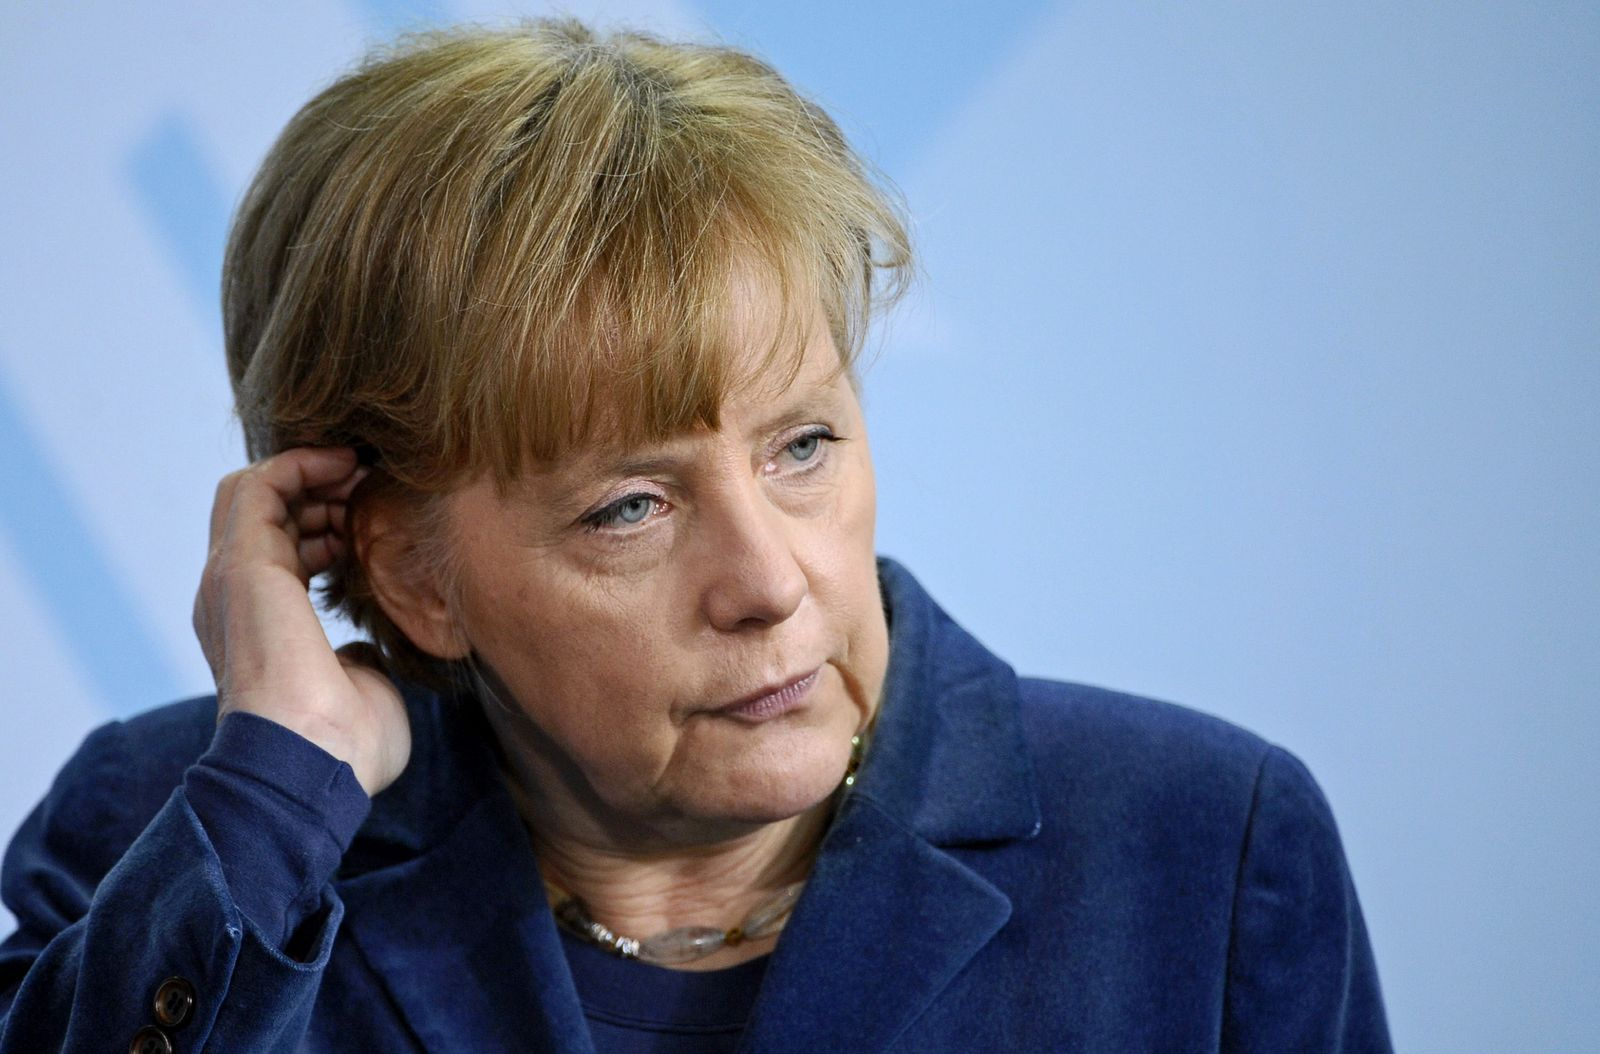 NICHT VERWENDEN Merkel besorgt